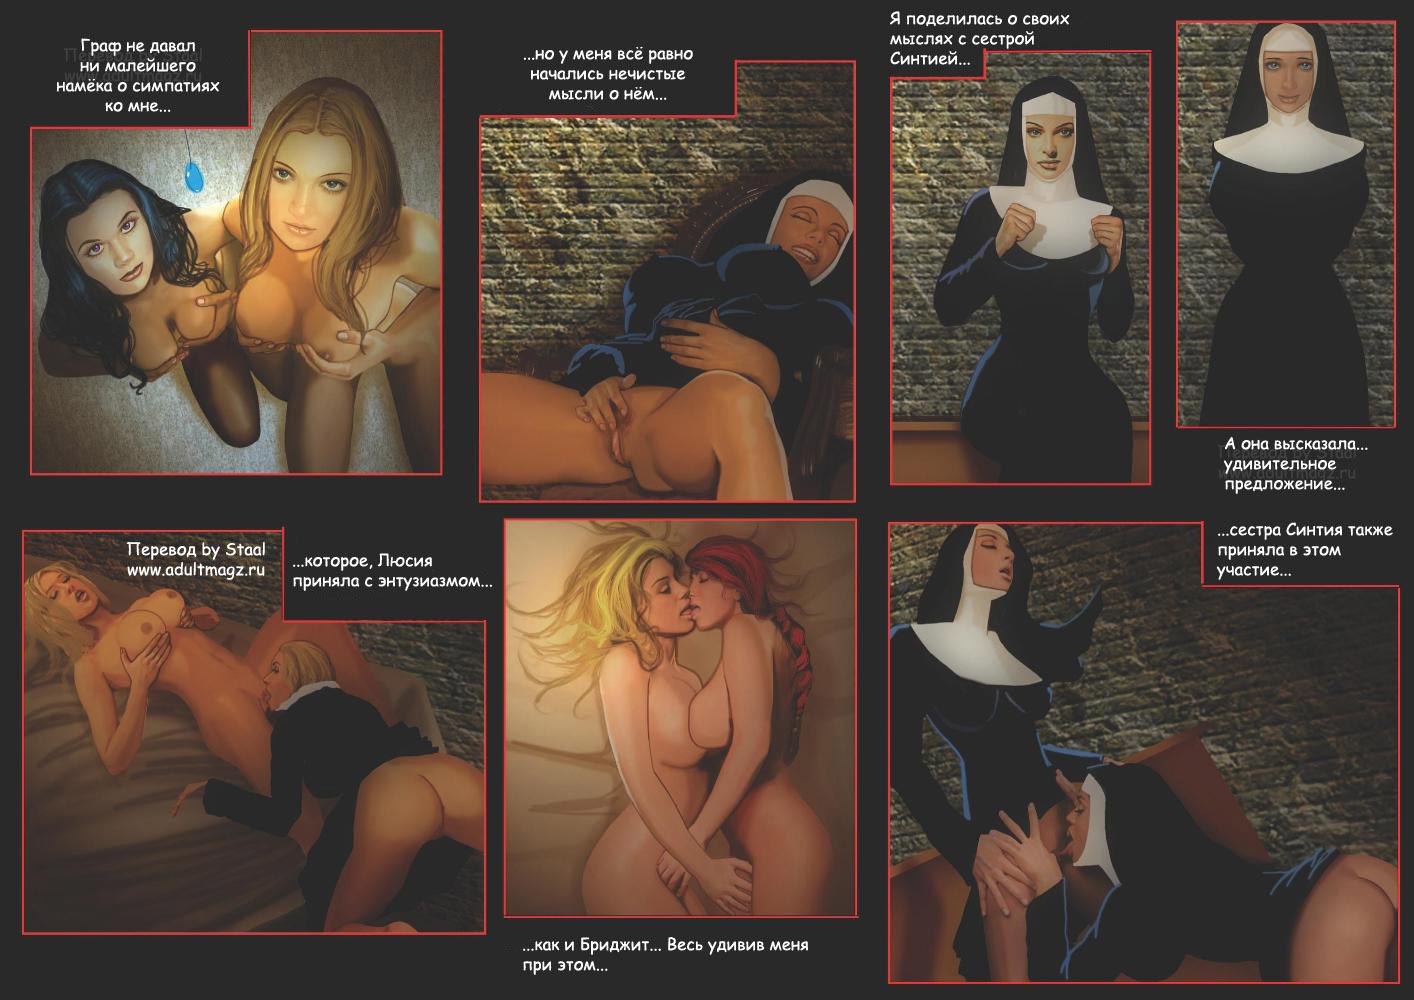 Смотреть порнуху для взрослых с монашками с попом 11 фотография